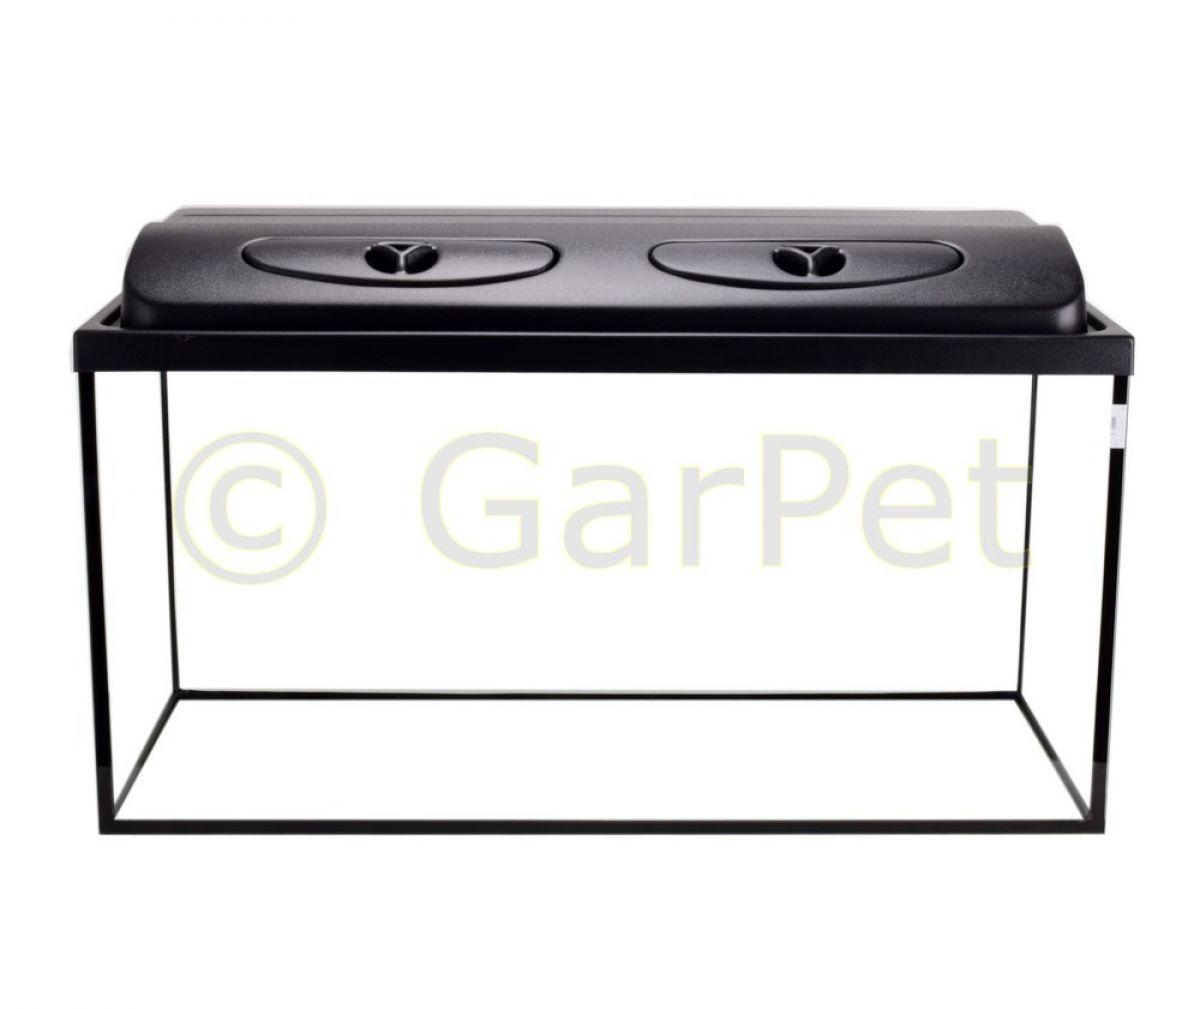 aquarium rechteckig mit abdeckung inkl led beleuchtung im. Black Bedroom Furniture Sets. Home Design Ideas